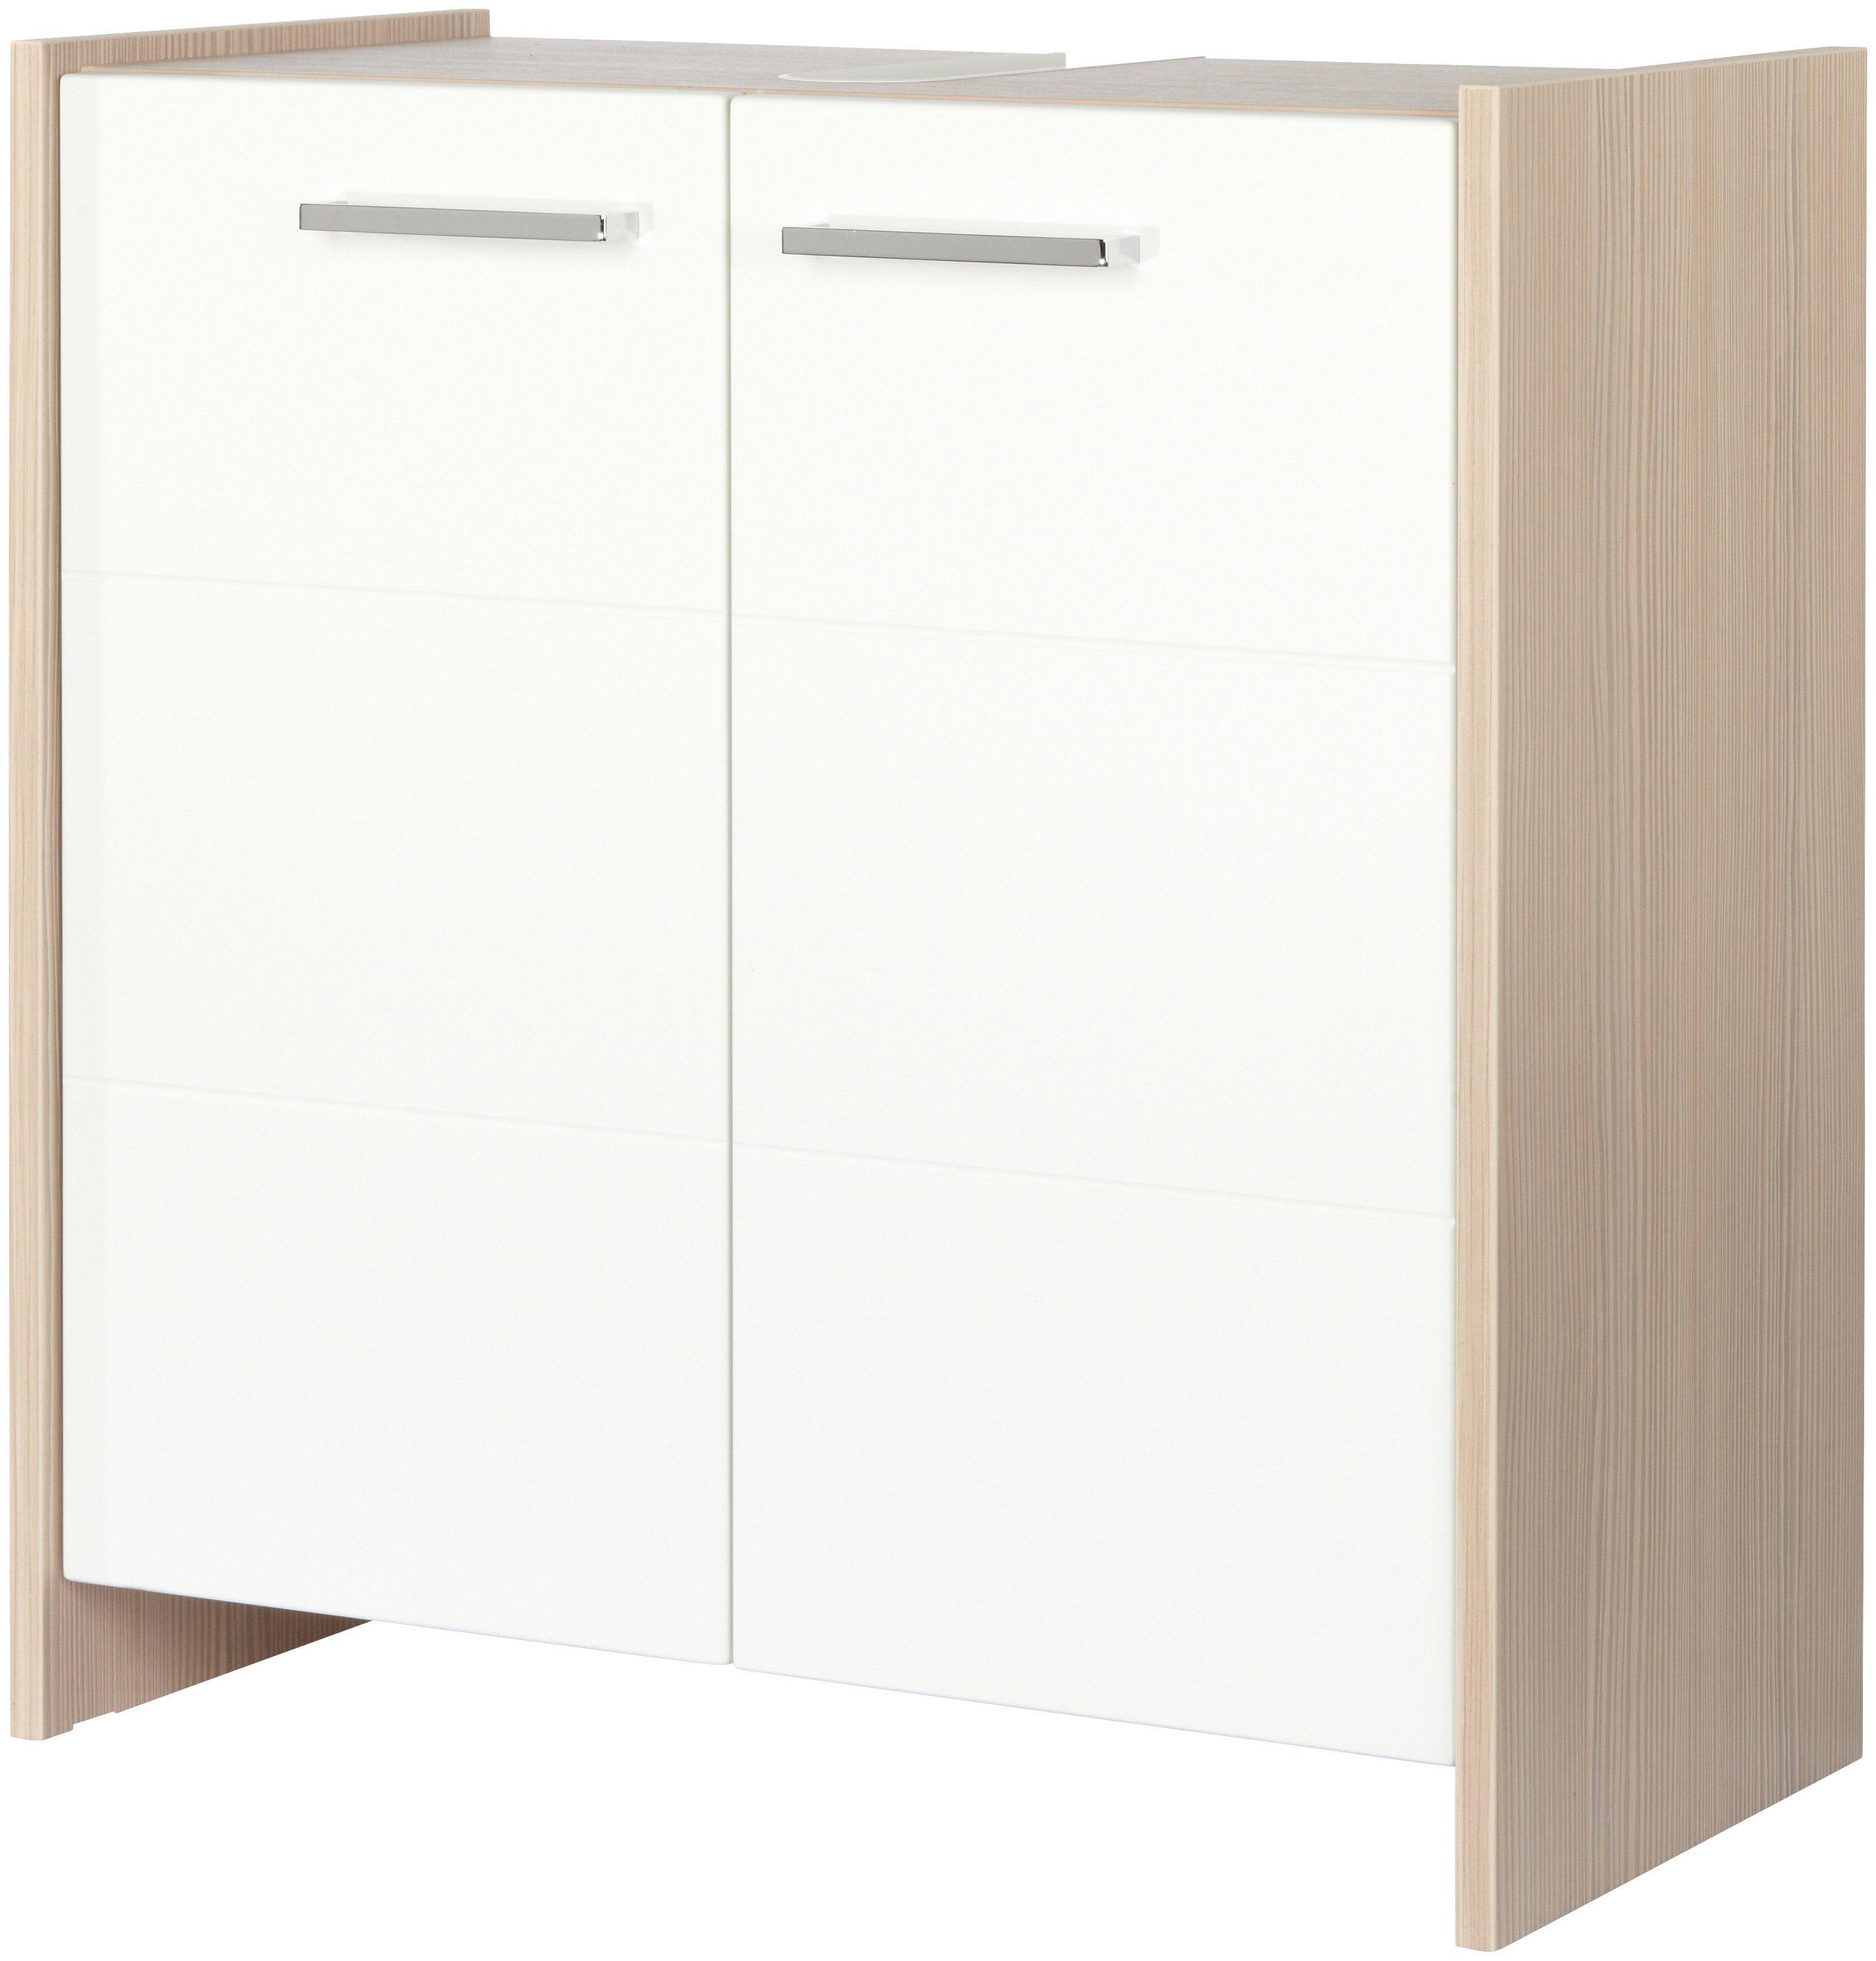 FACKELMANN Waschbeckenunterschrank »KAYO«, BxHxT: 63,5 x 65 x 32,5 cm